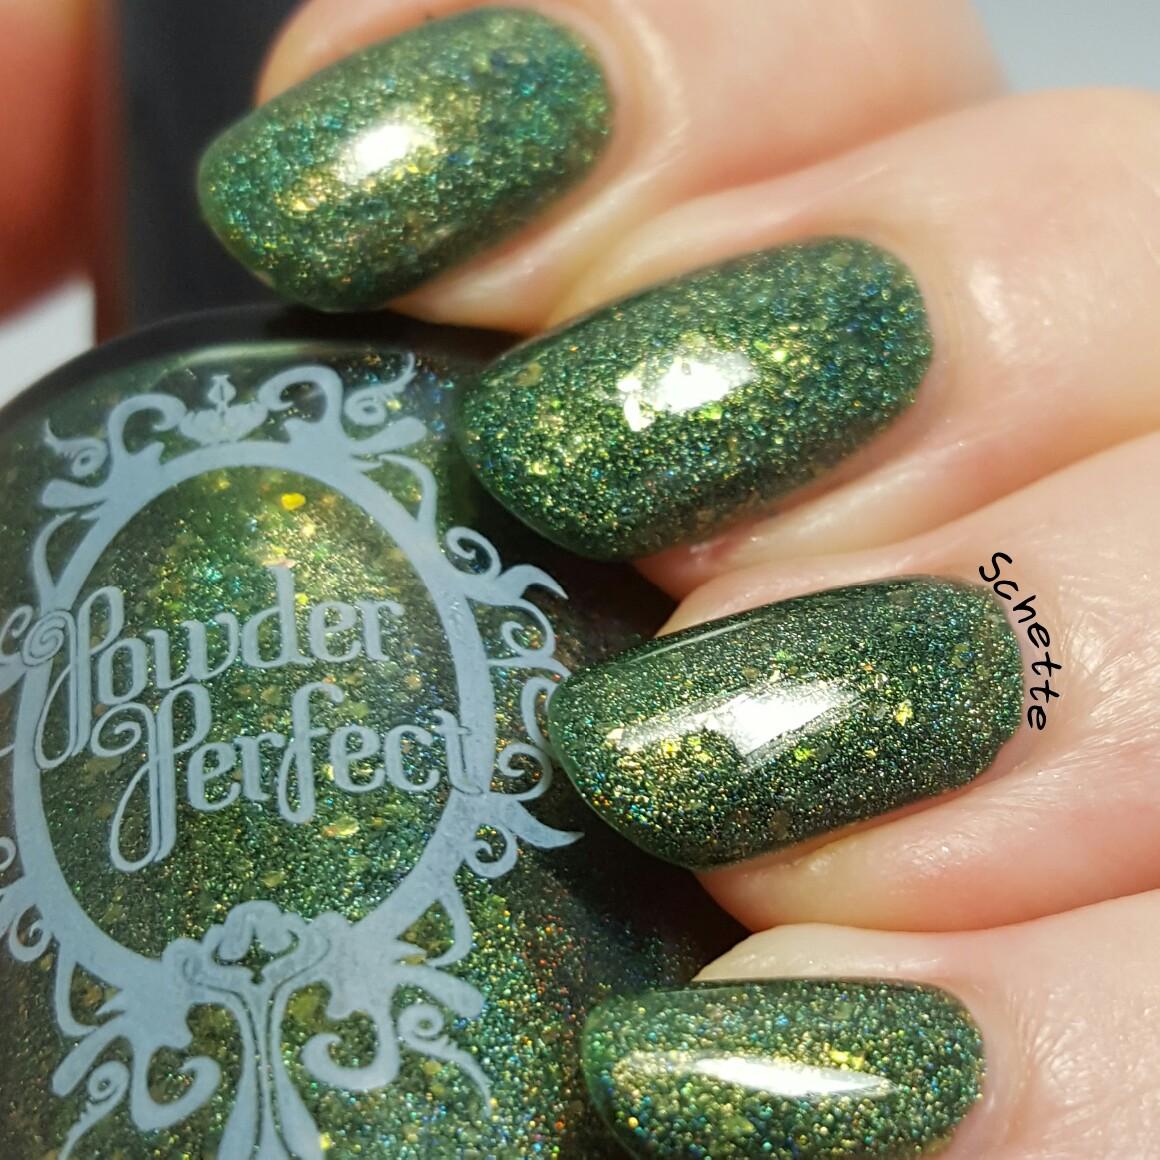 Powder Perfect - Escape to the petit trianon